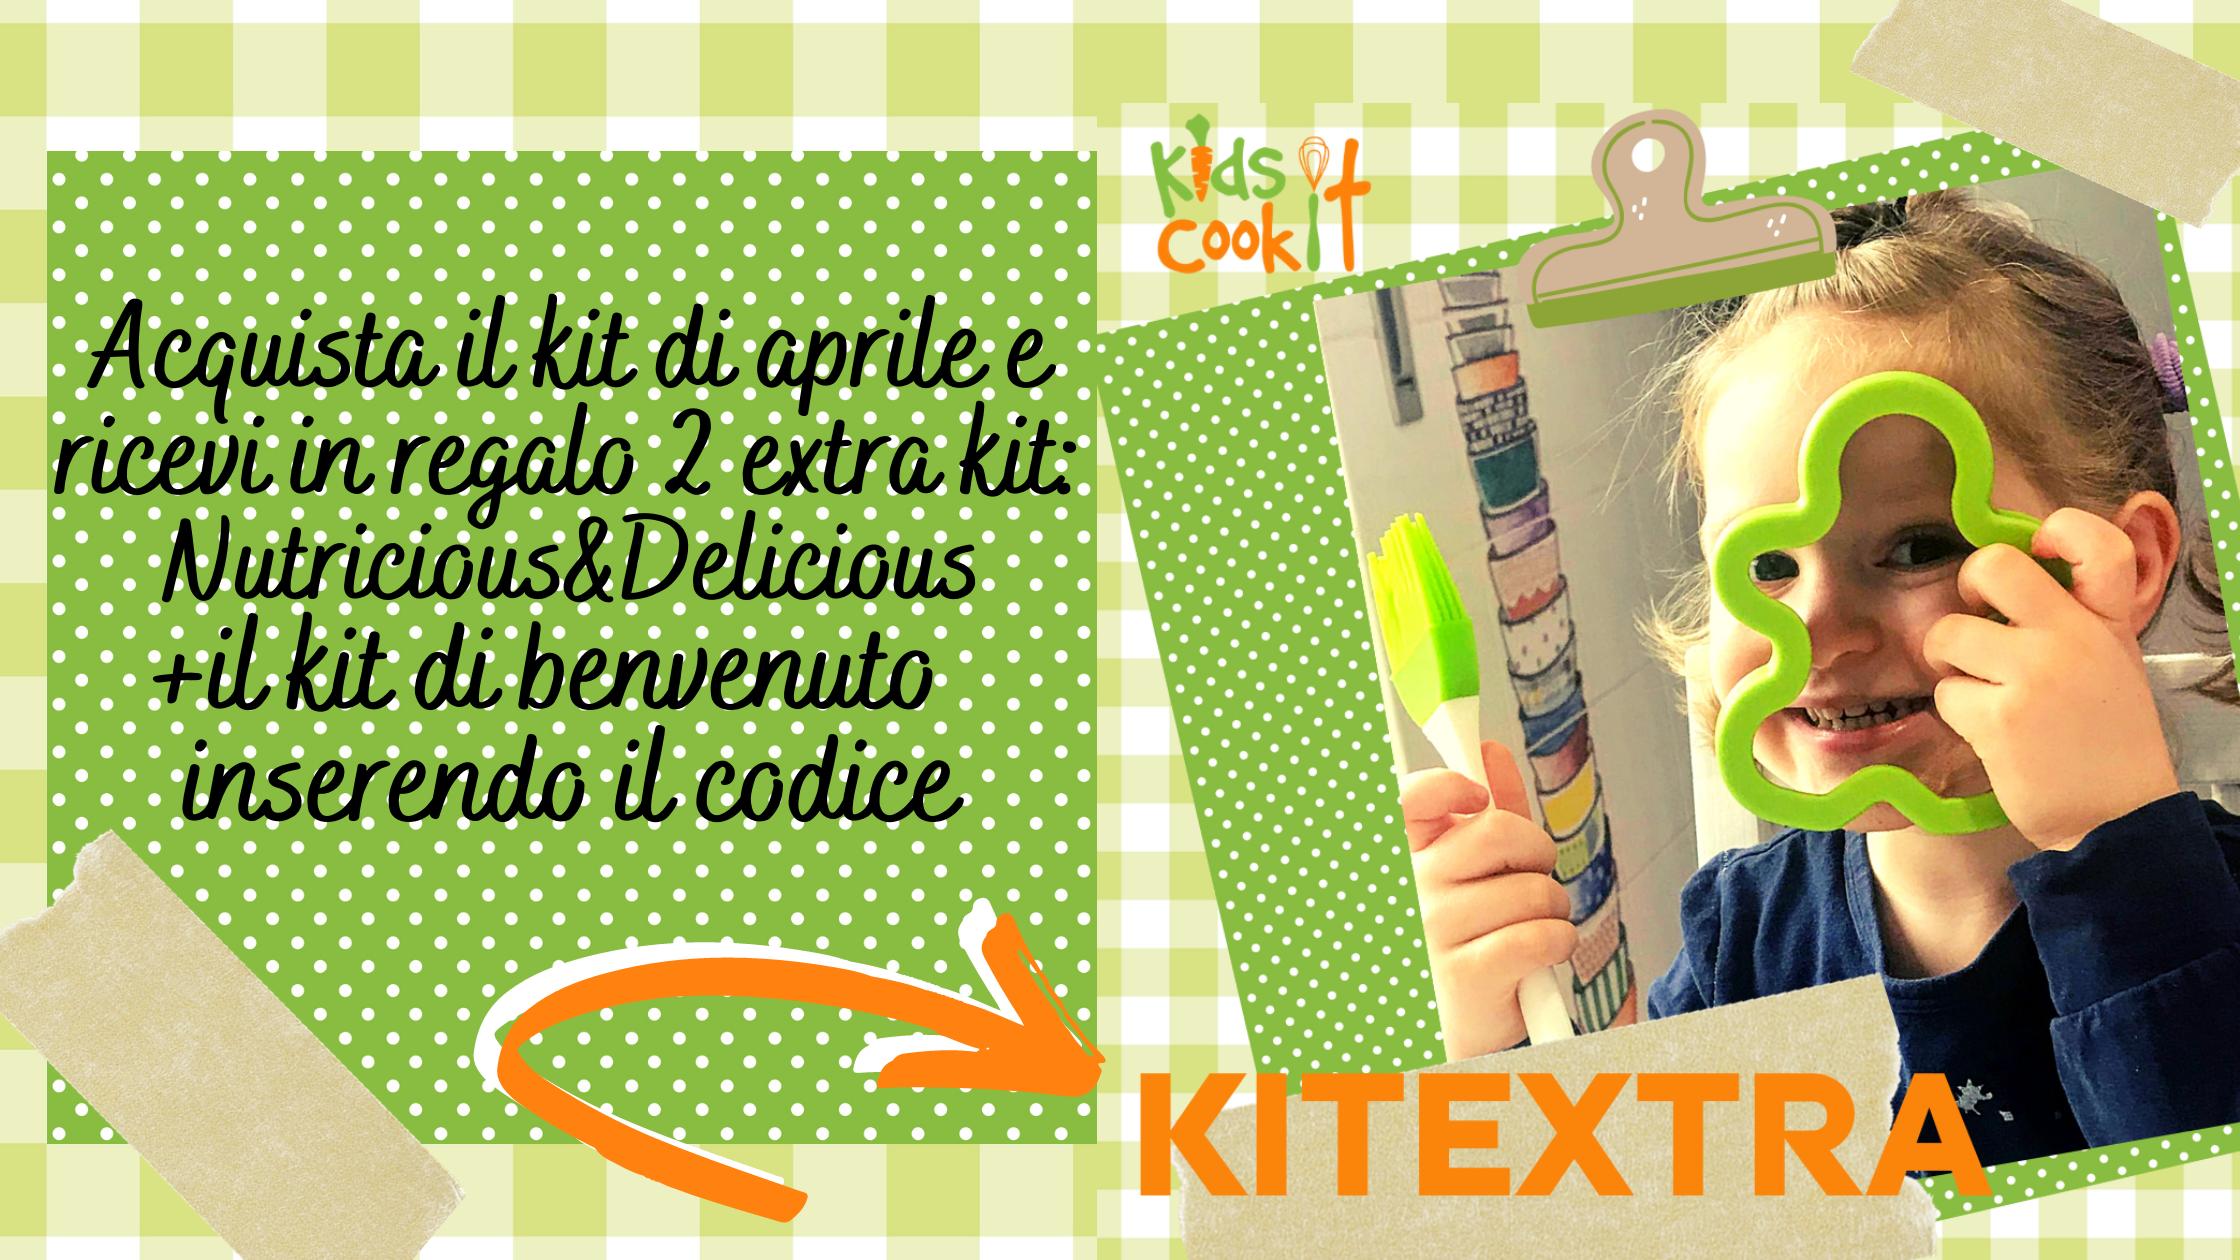 kitextra festa della carota